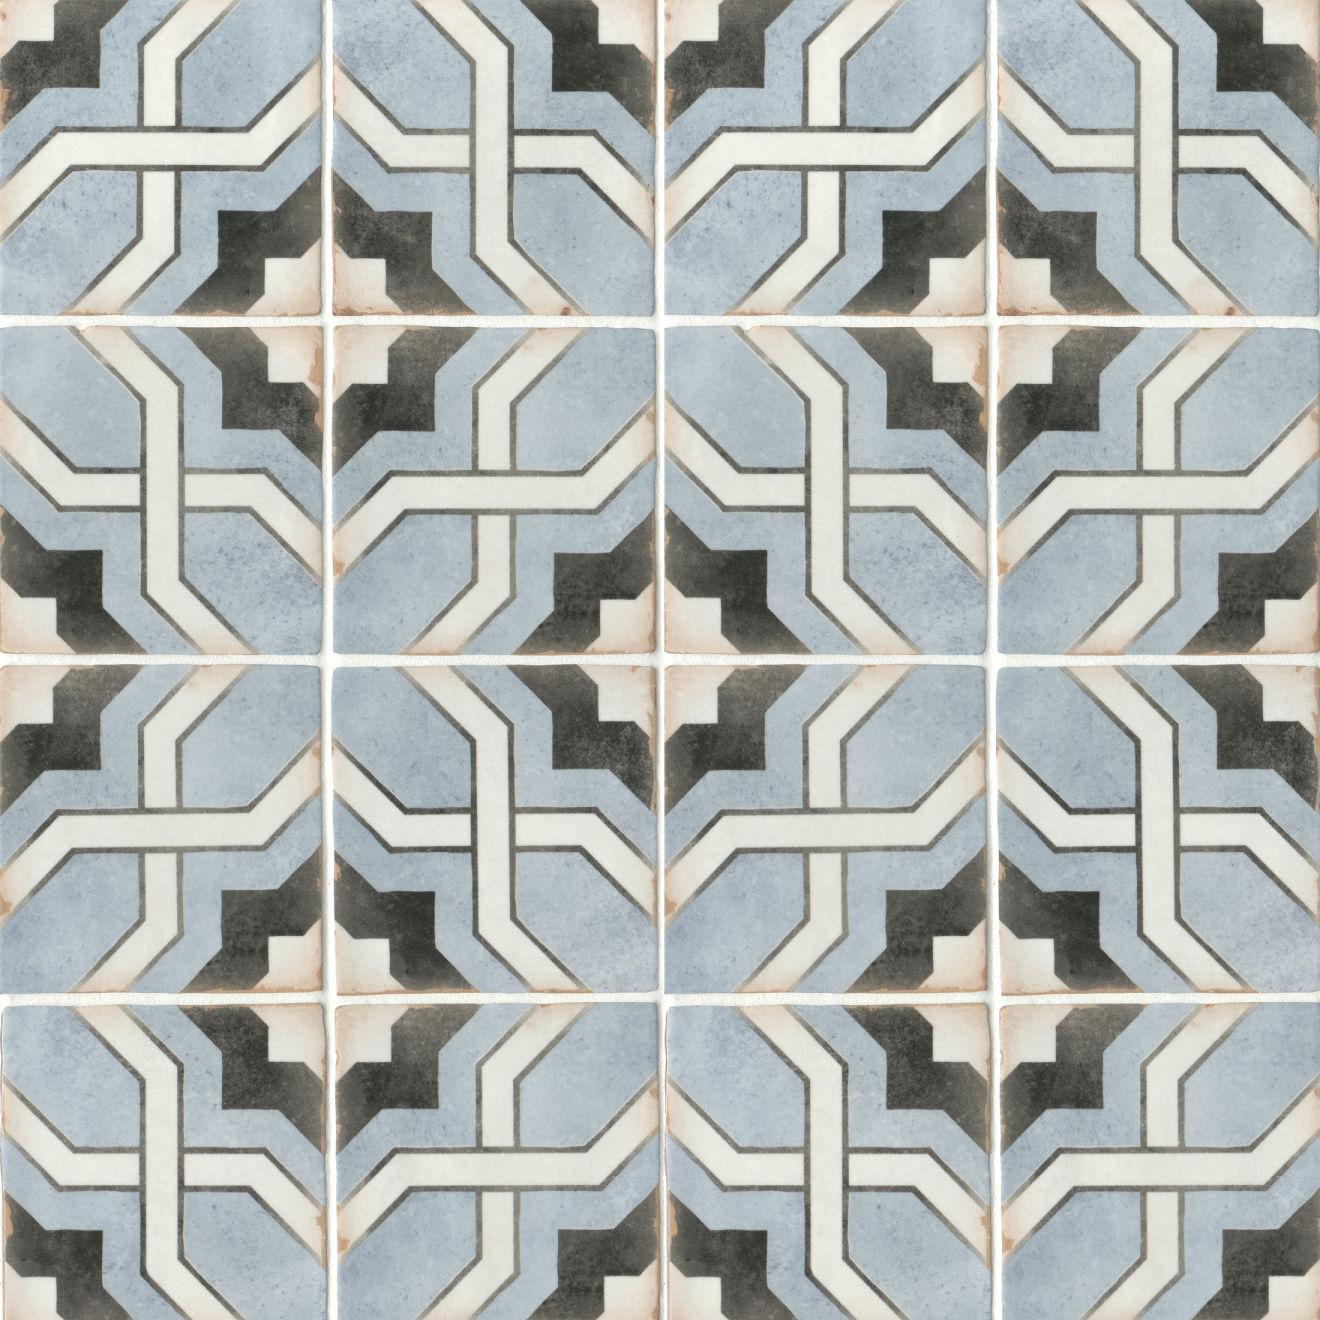 """Casablanca 5"""" x 5"""" Matte Ceramic Floor and Wall Tile in Attia"""